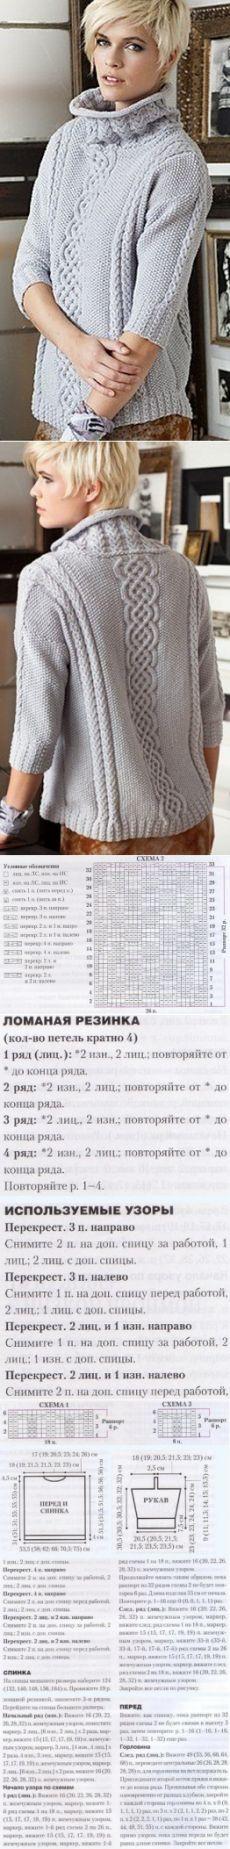 Вязание свитера спицами...♥ Deniz ♥